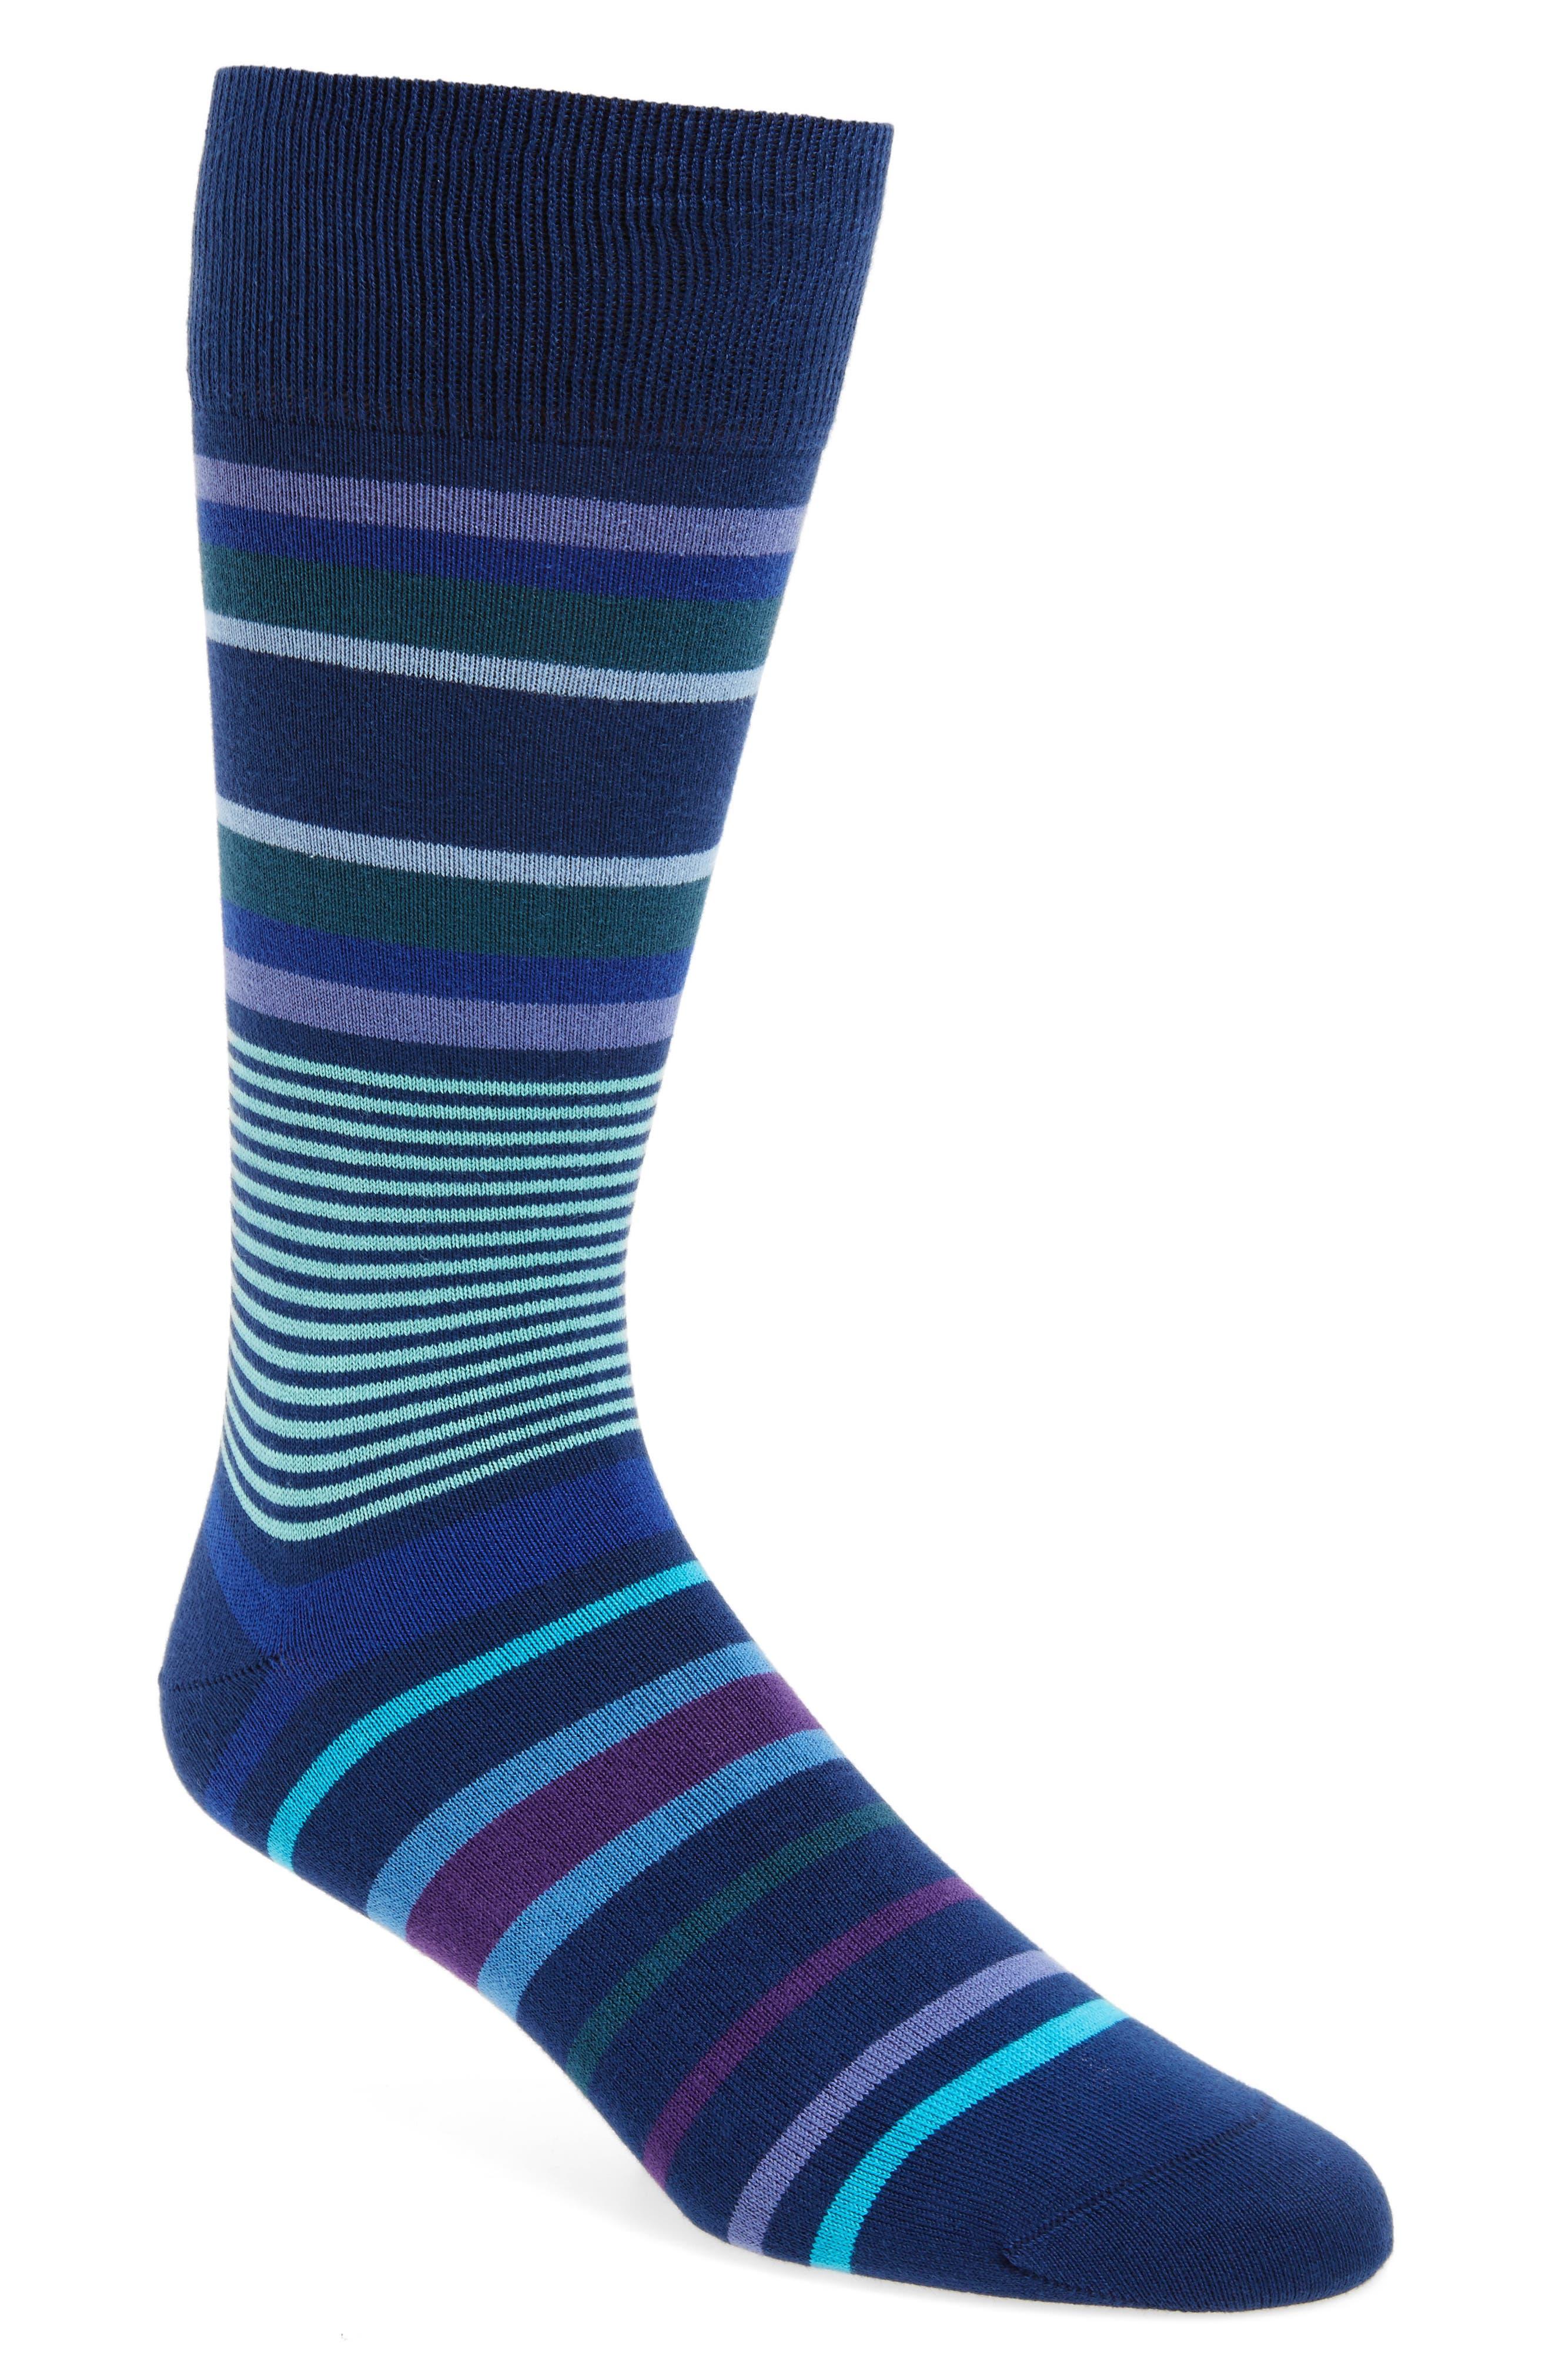 Lawn Stripe Socks,                         Main,                         color, 400